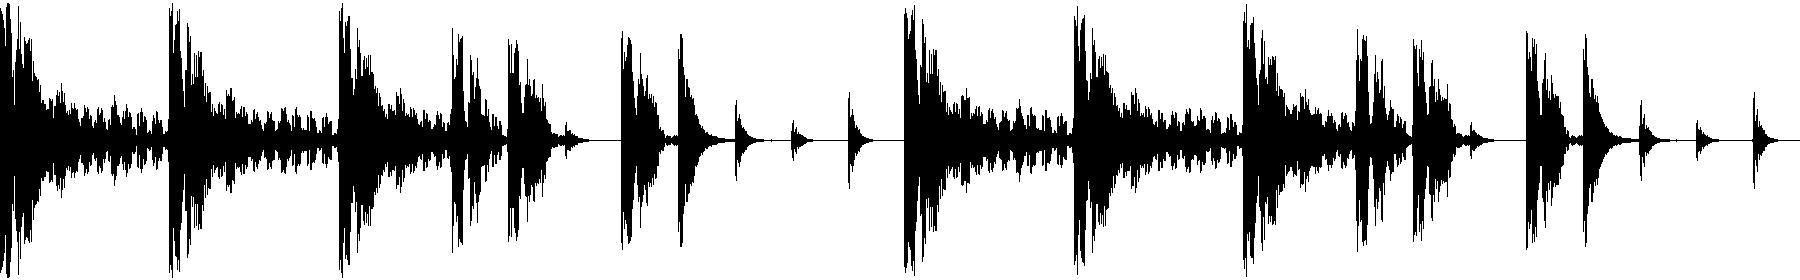 blbc electrodrums 75 02